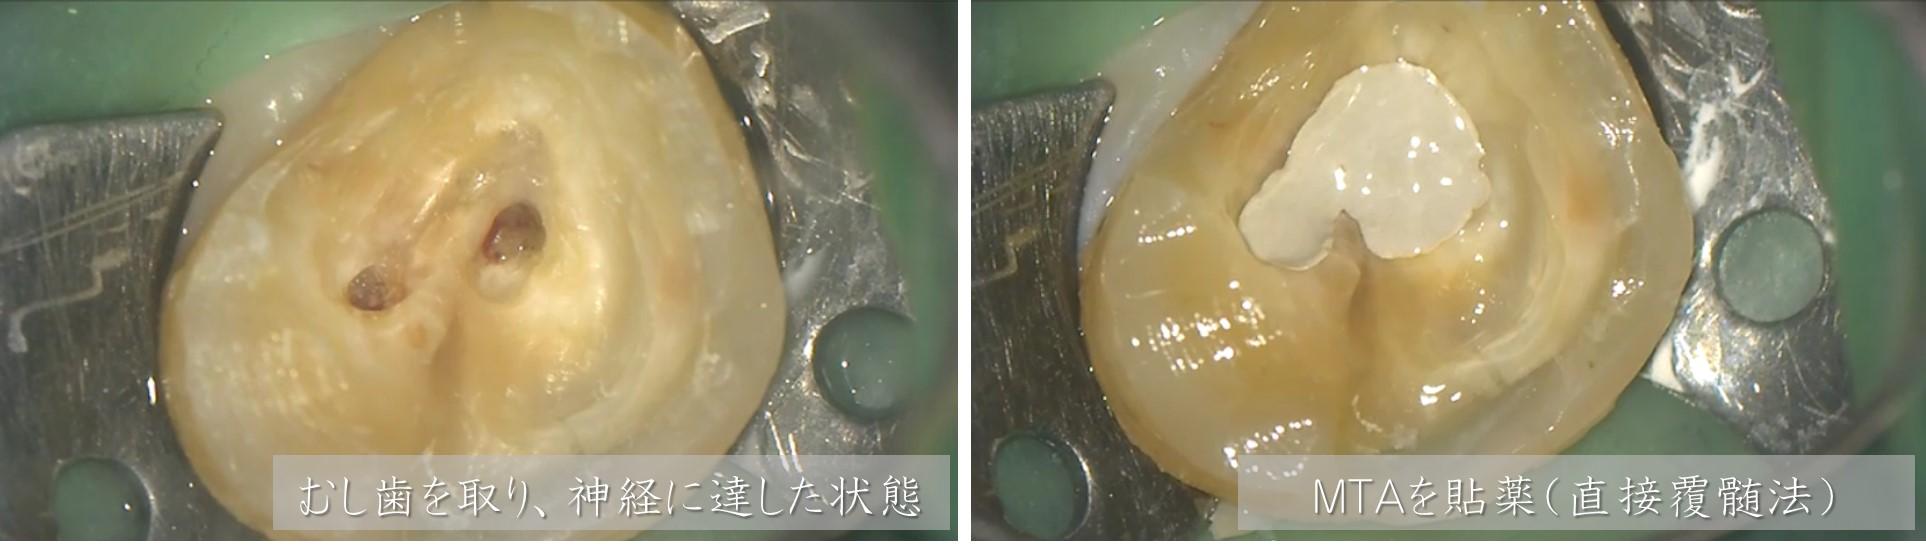 深いむし歯 神経残す 神経取らない治療法 方法 歯科 ラバーダムマイクロスコープ MTA直接覆髄法